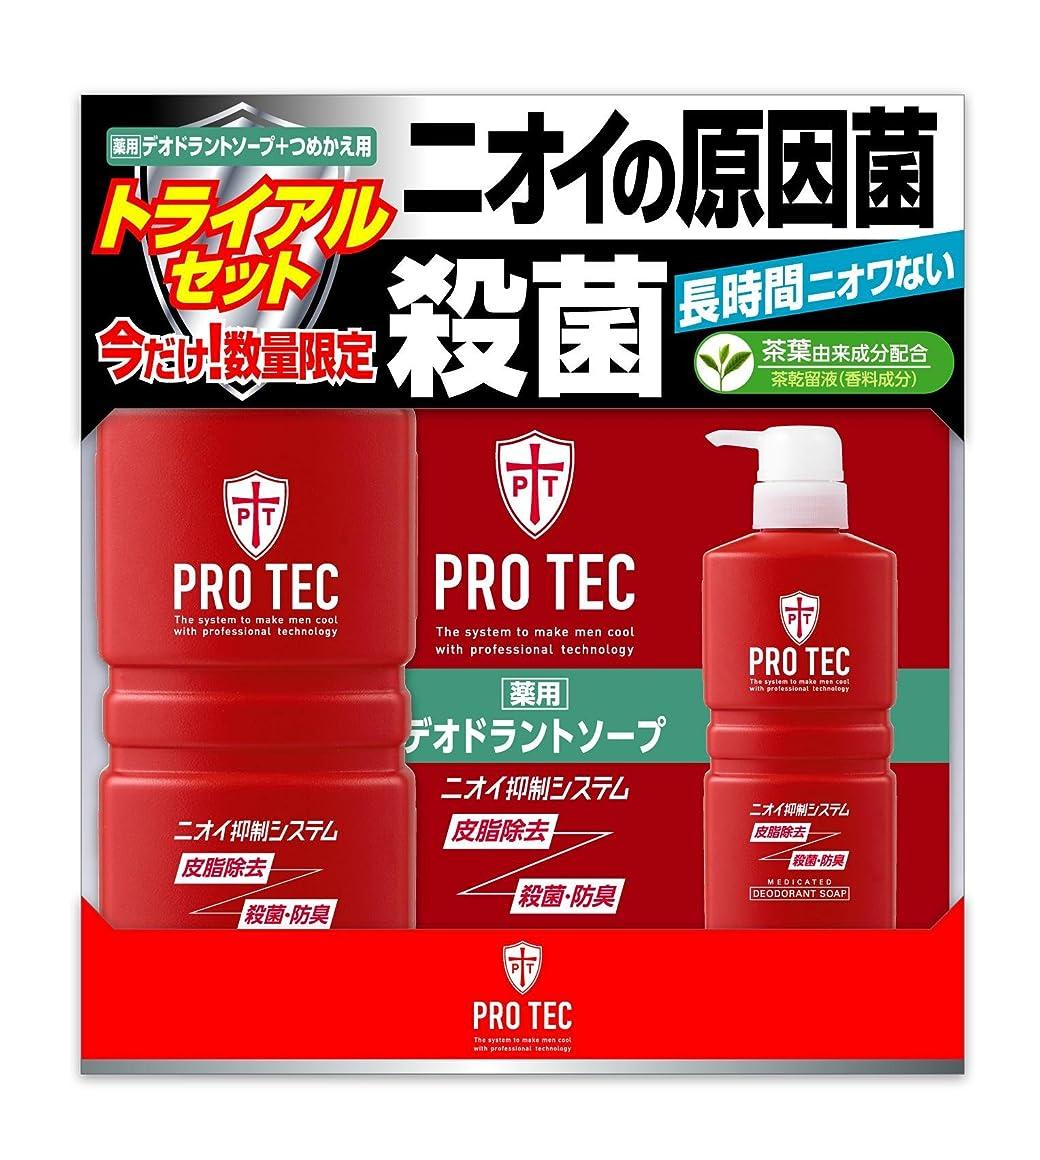 出くわす余分な効能あるPRO TEC(プロテク) デオドラントソープ 本体420ml+詰替330ml セット[医薬部外品]